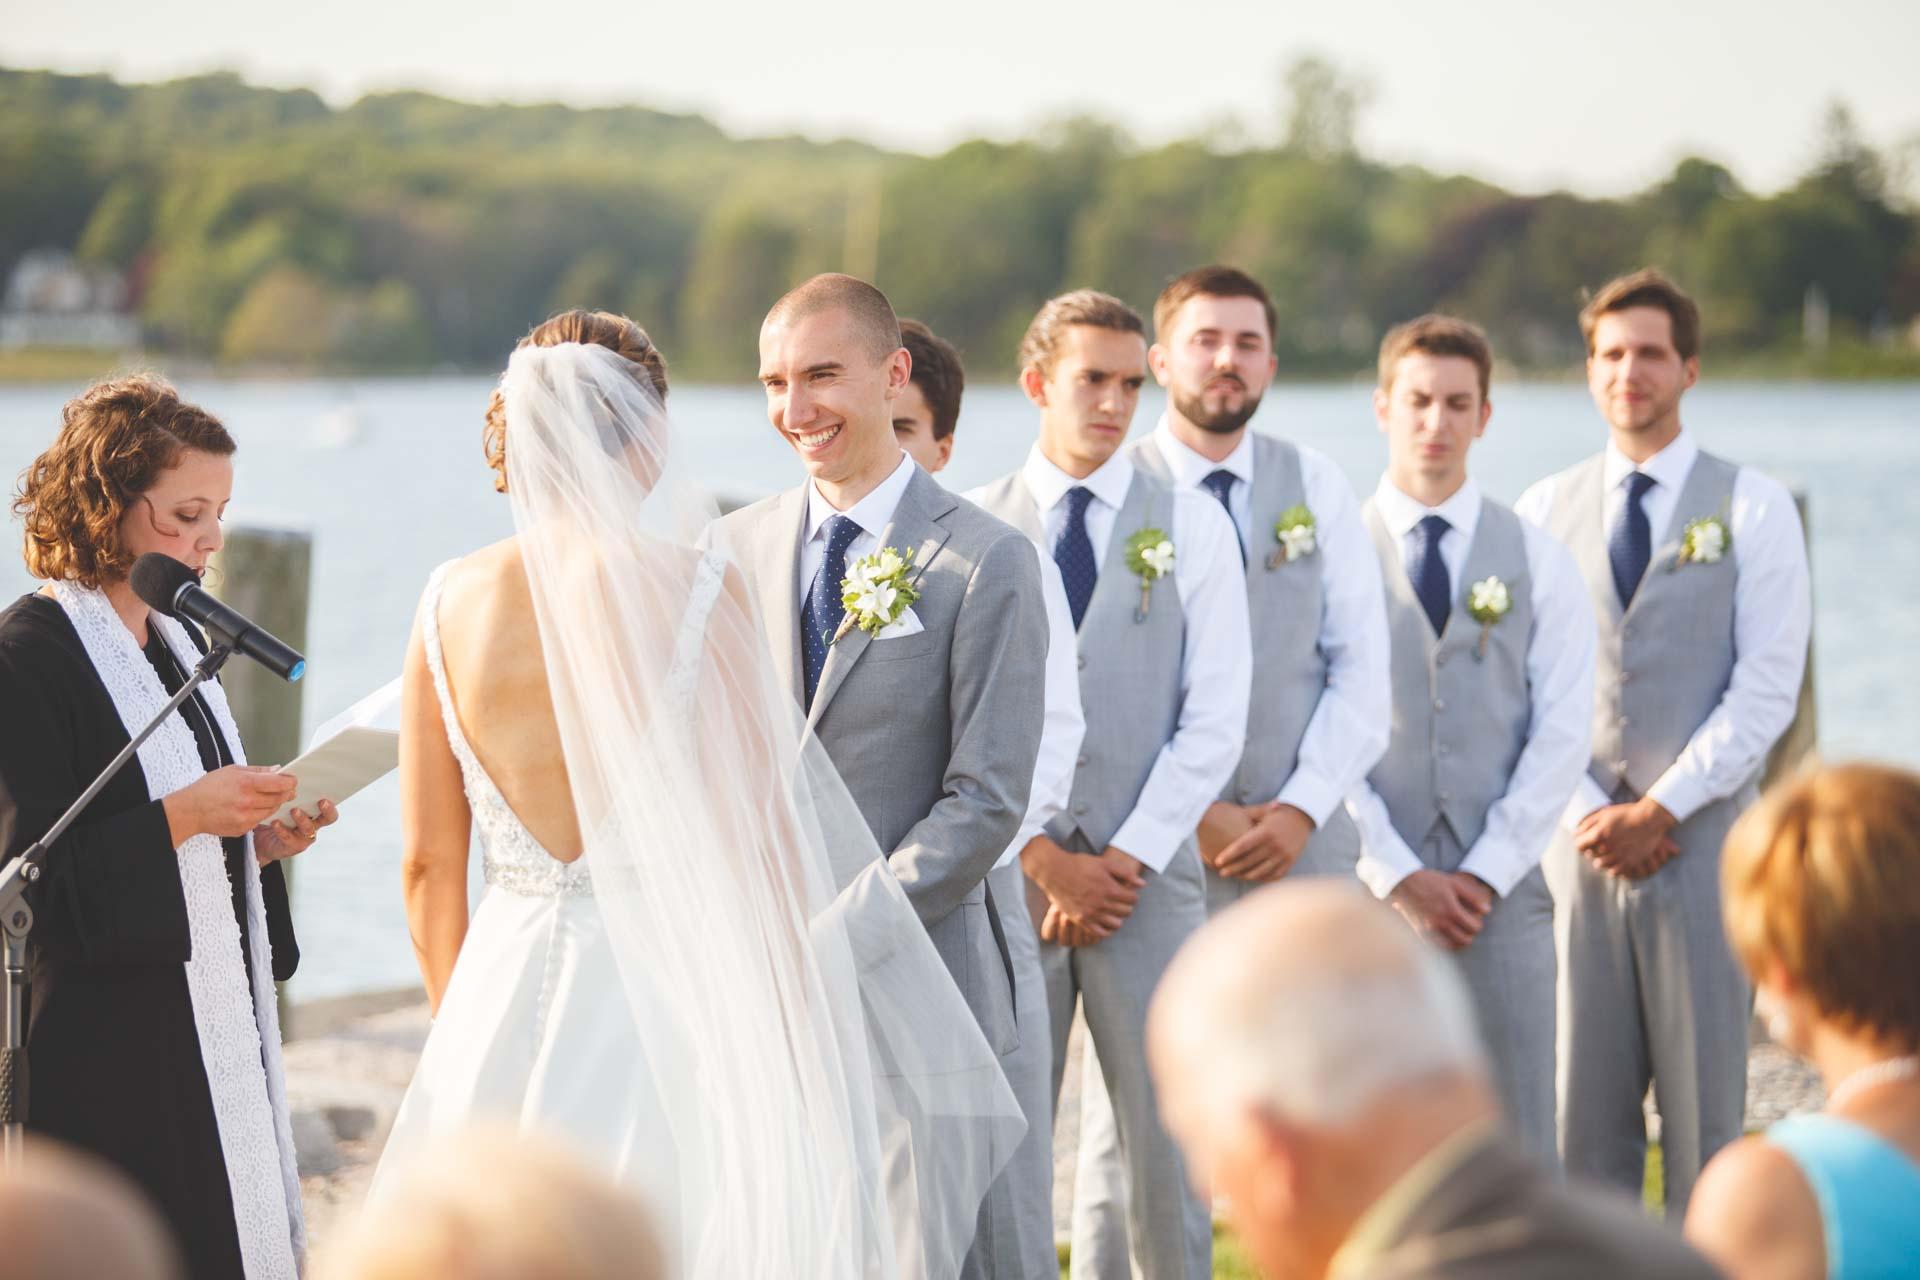 latitude-41-wedding-photography (19 of 66).jpg